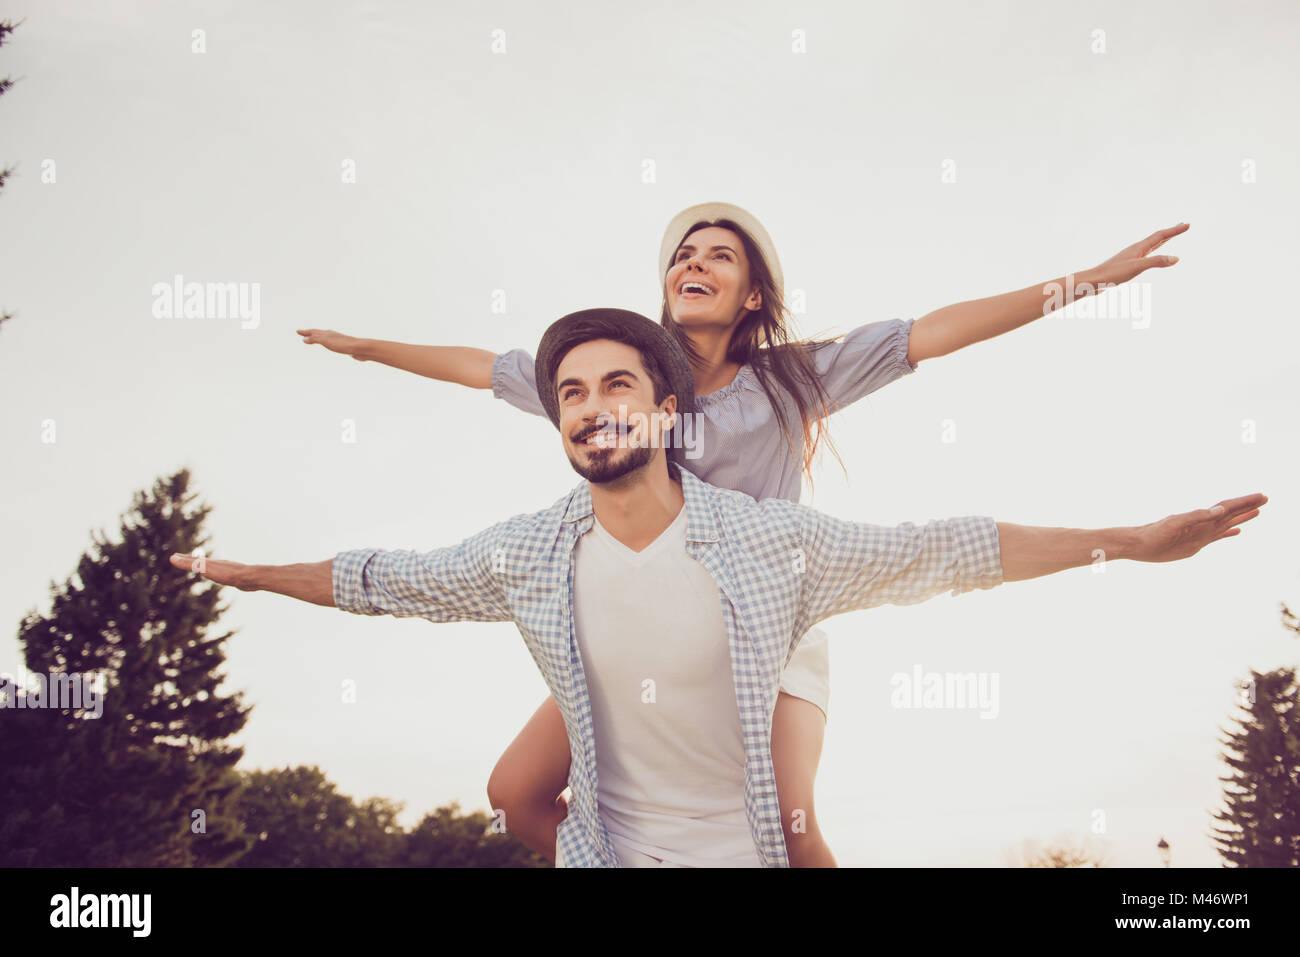 Buon giorno, felicità, amicizia, passeggiare, concetto di vacanza. Carino dolce piggybacking partner la sua Immagini Stock